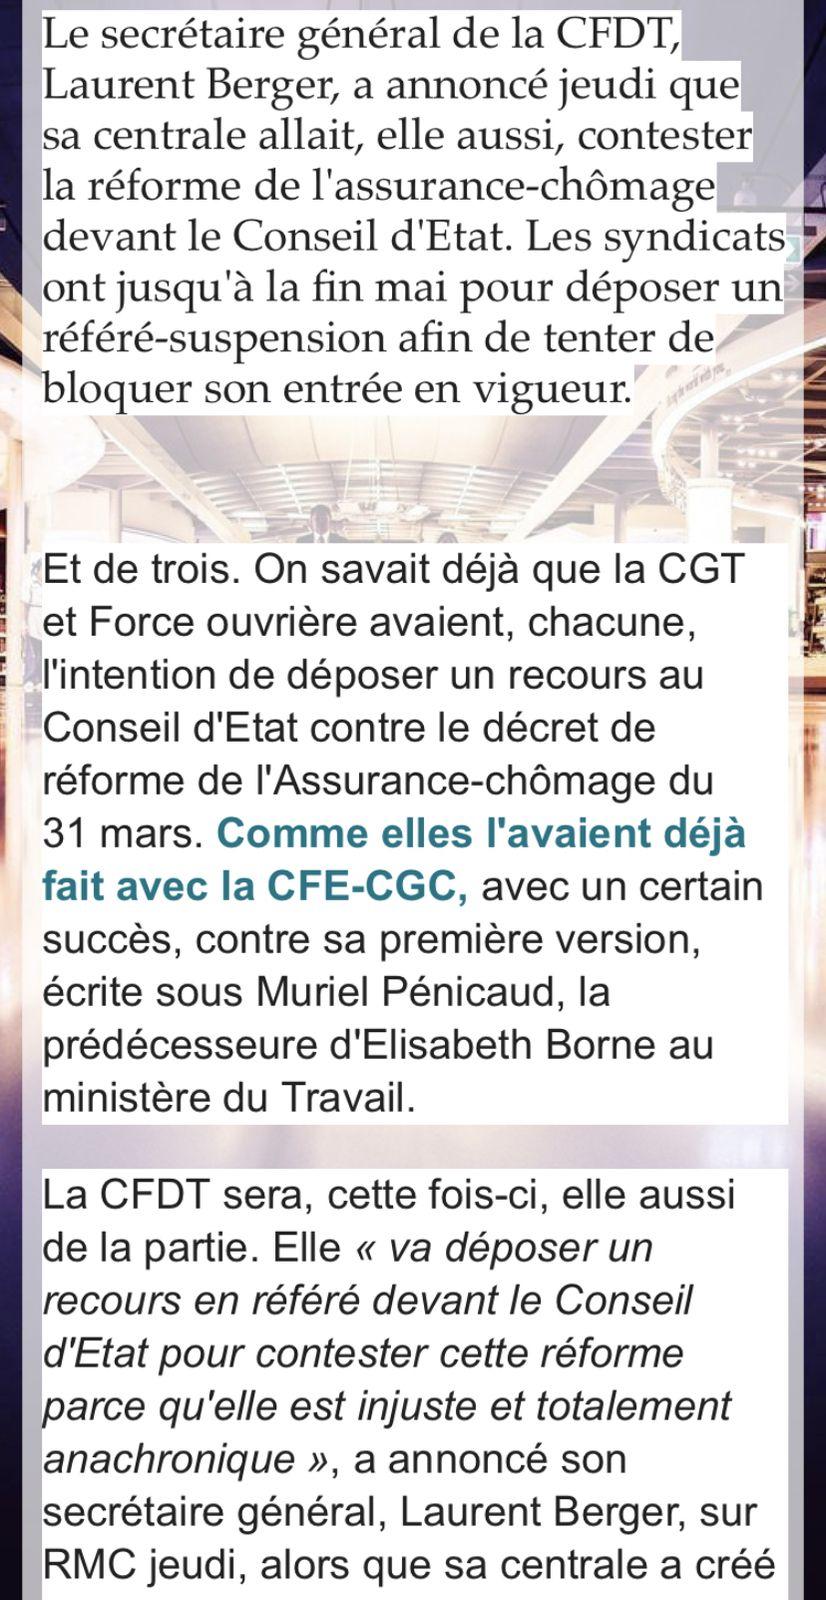 Réforme de l'assurance-chômage:la CFDT rejoint la CGT et FO dans la bataille juridique